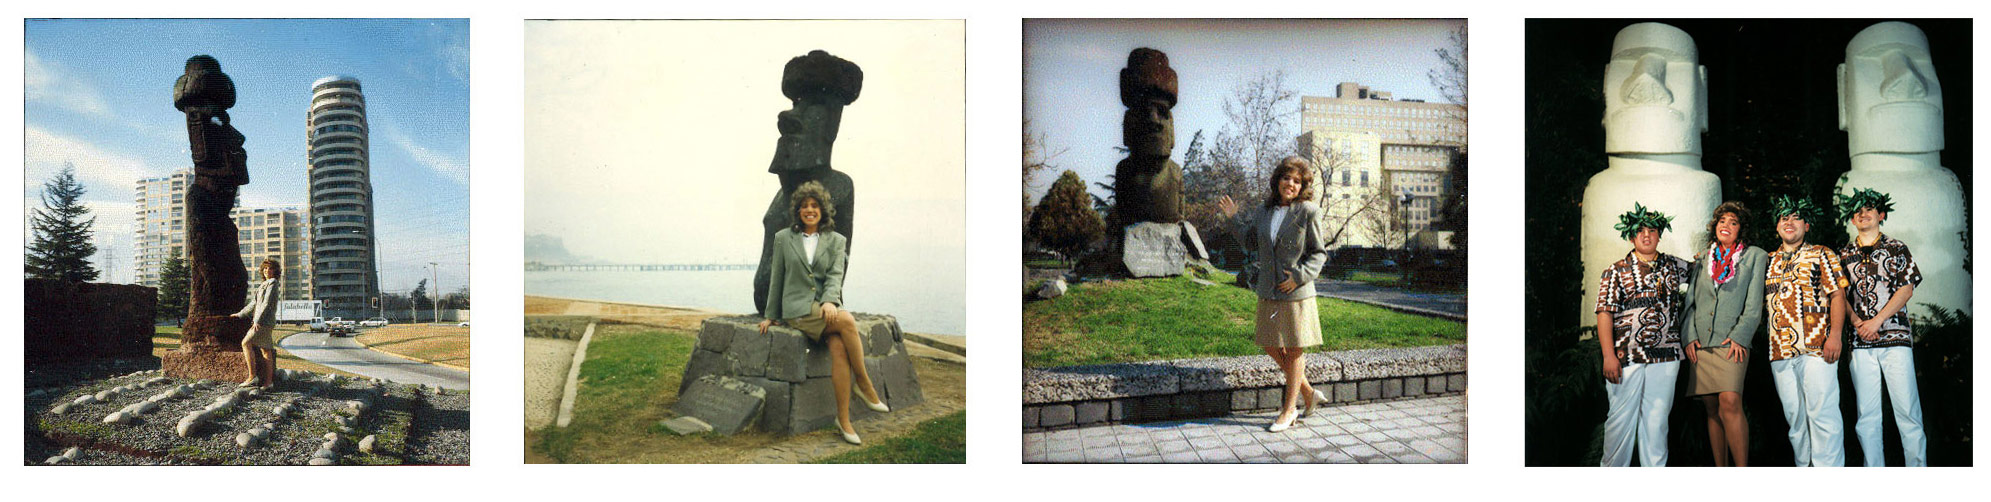 Claudia del Fierro, Instantáneas de Turista, 1997-1999, acción y fotografía, 120 mm slides, 35 mm slides, Polaroids, C-prints. Cortesía de la artista